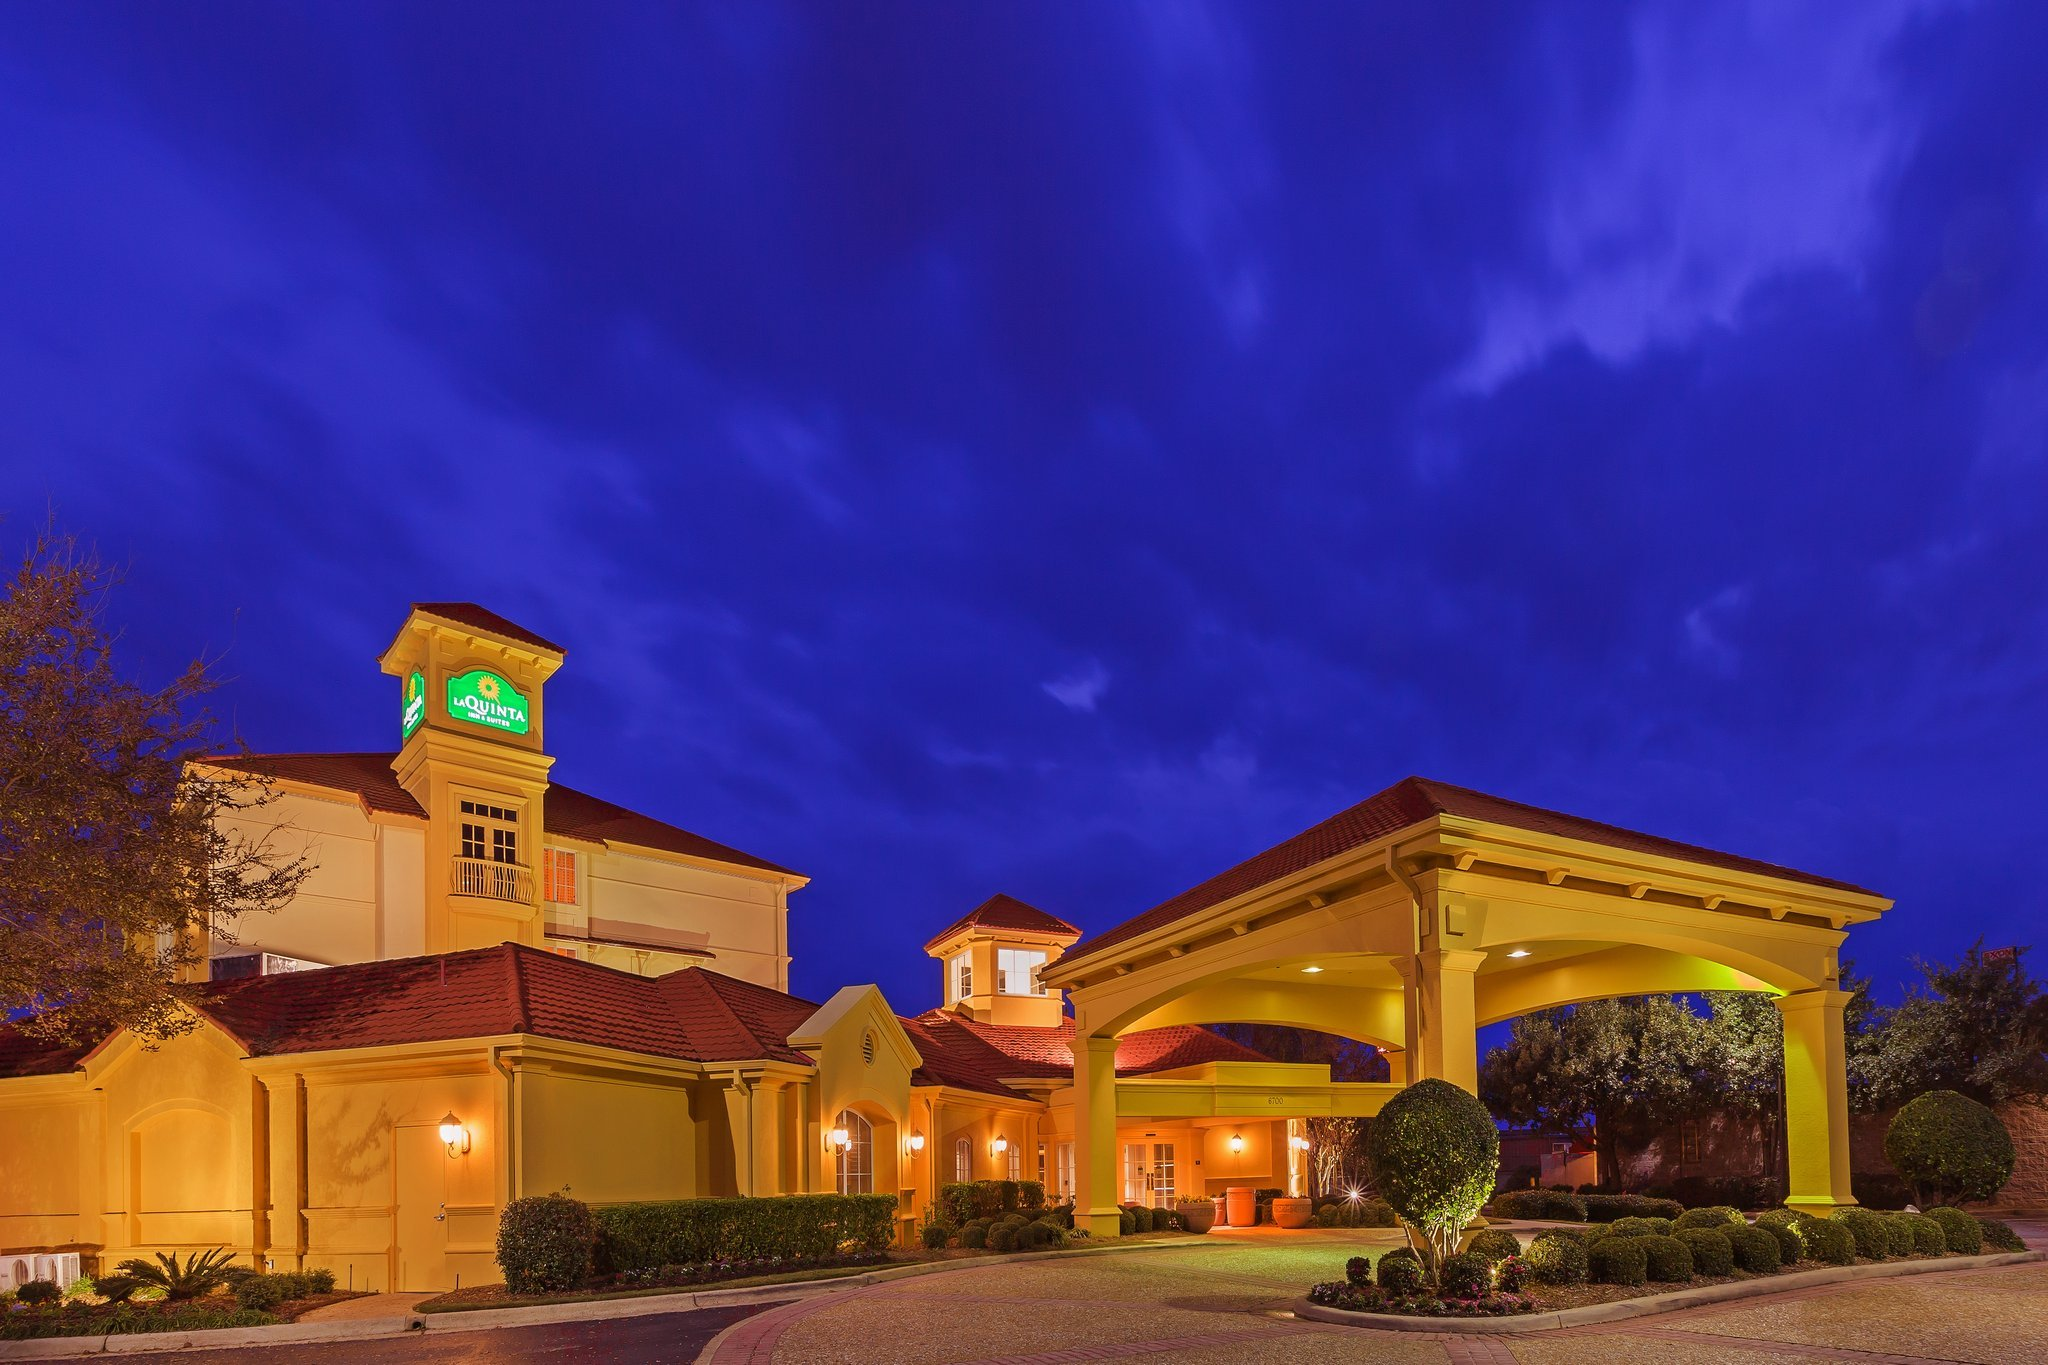 La Quinta Inn & Suites Shreveport Airport